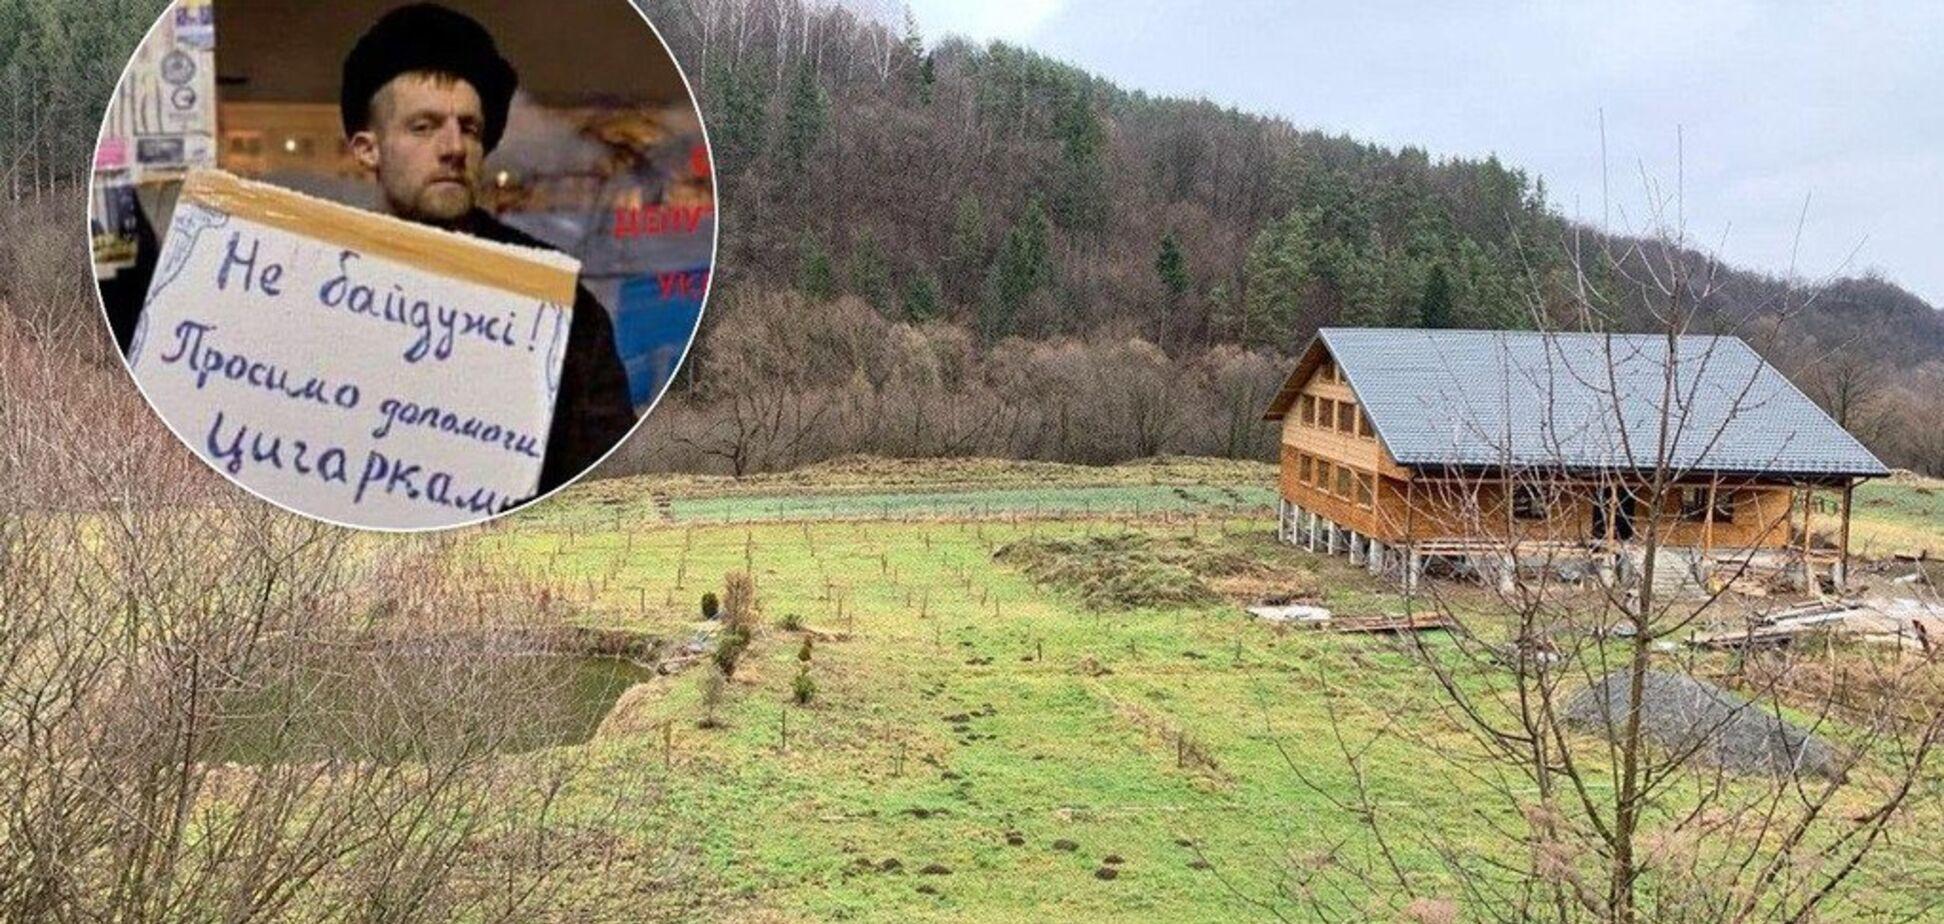 'Трудился честно!' У экс-нардепа 'козака' Гаврилюка нашли трехэтажный дом в Карпатах: он оправдался